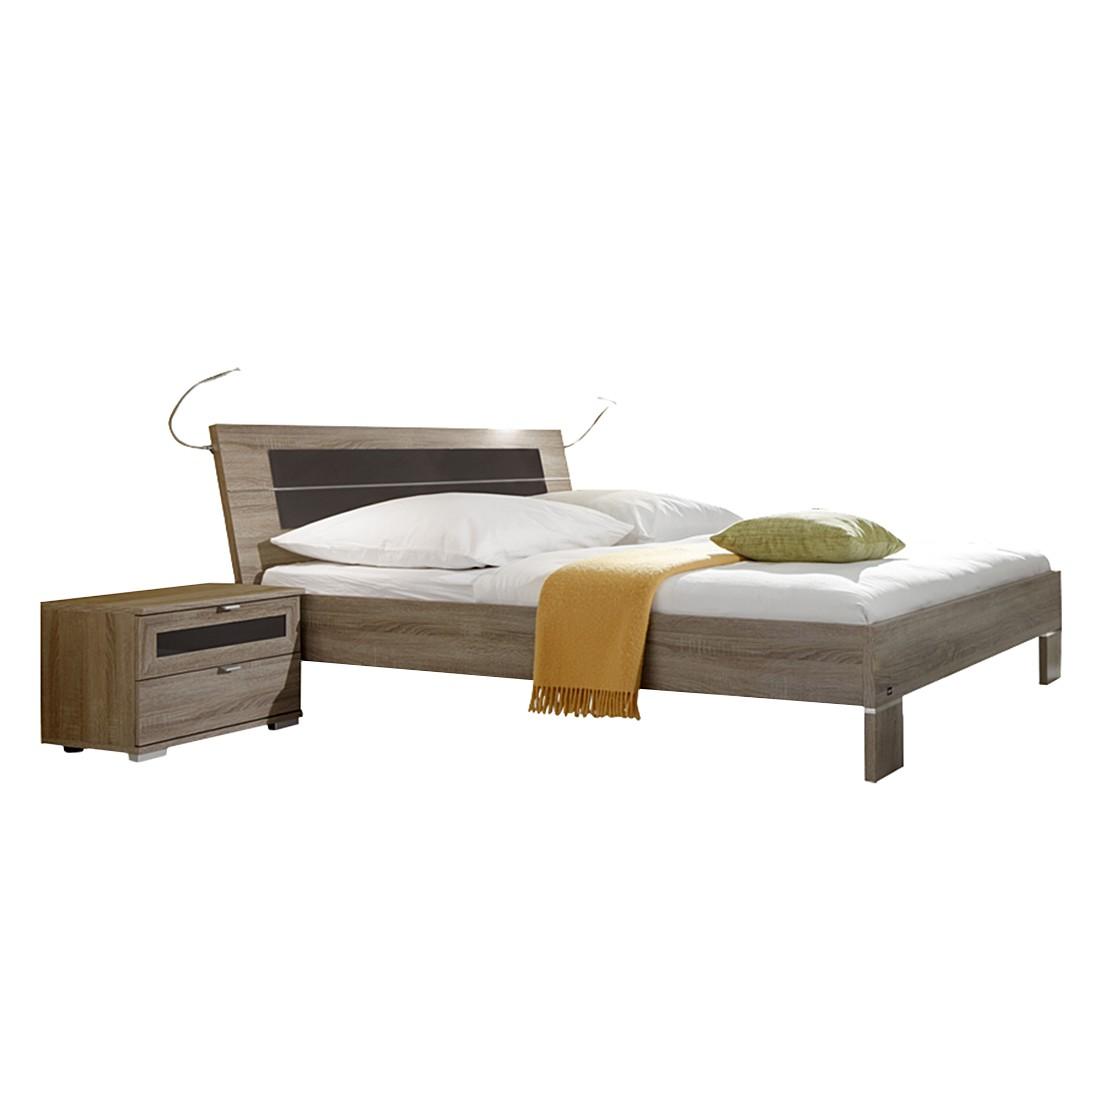 schlafzimmer set zoreca 4 teilig eiche dekor braun 001 liegefl che 160x200 star m bel. Black Bedroom Furniture Sets. Home Design Ideas